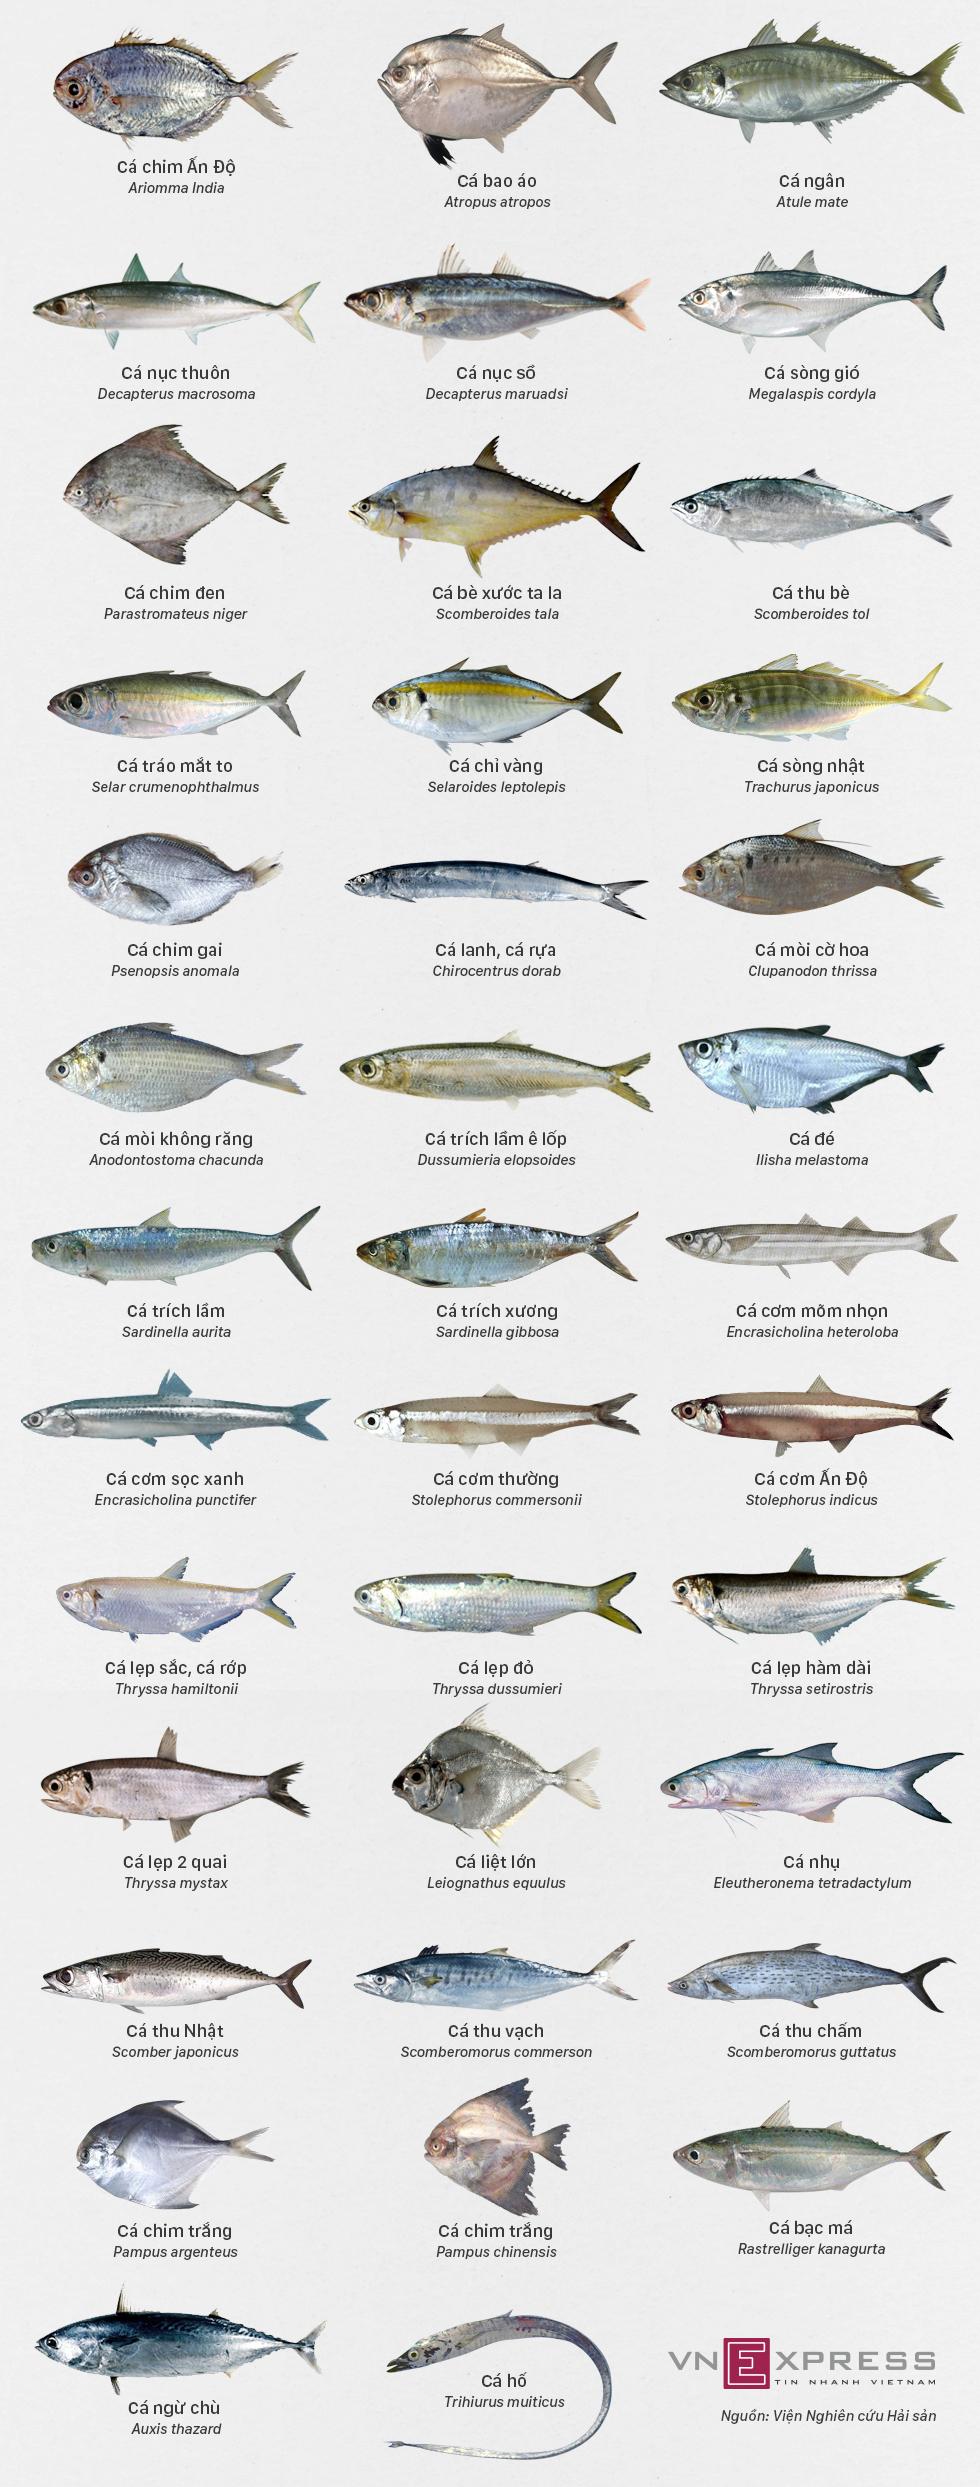 Các loại cá biển miền Trung an toàn để ăn